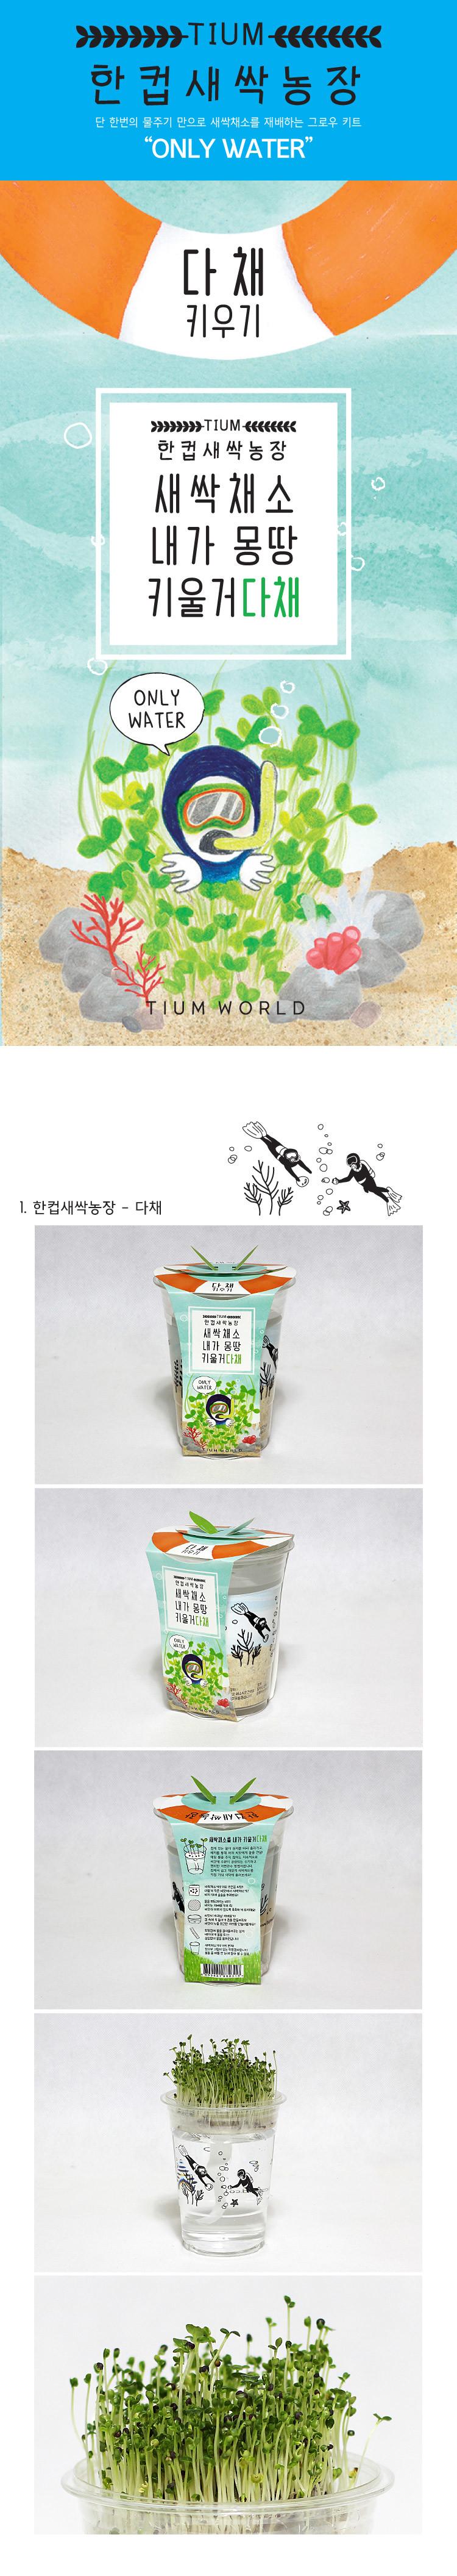 한컵새싹농장_다채키우기 - 틔움세상, 3,000원, 새싹/모종키우기, 새싹 키우기